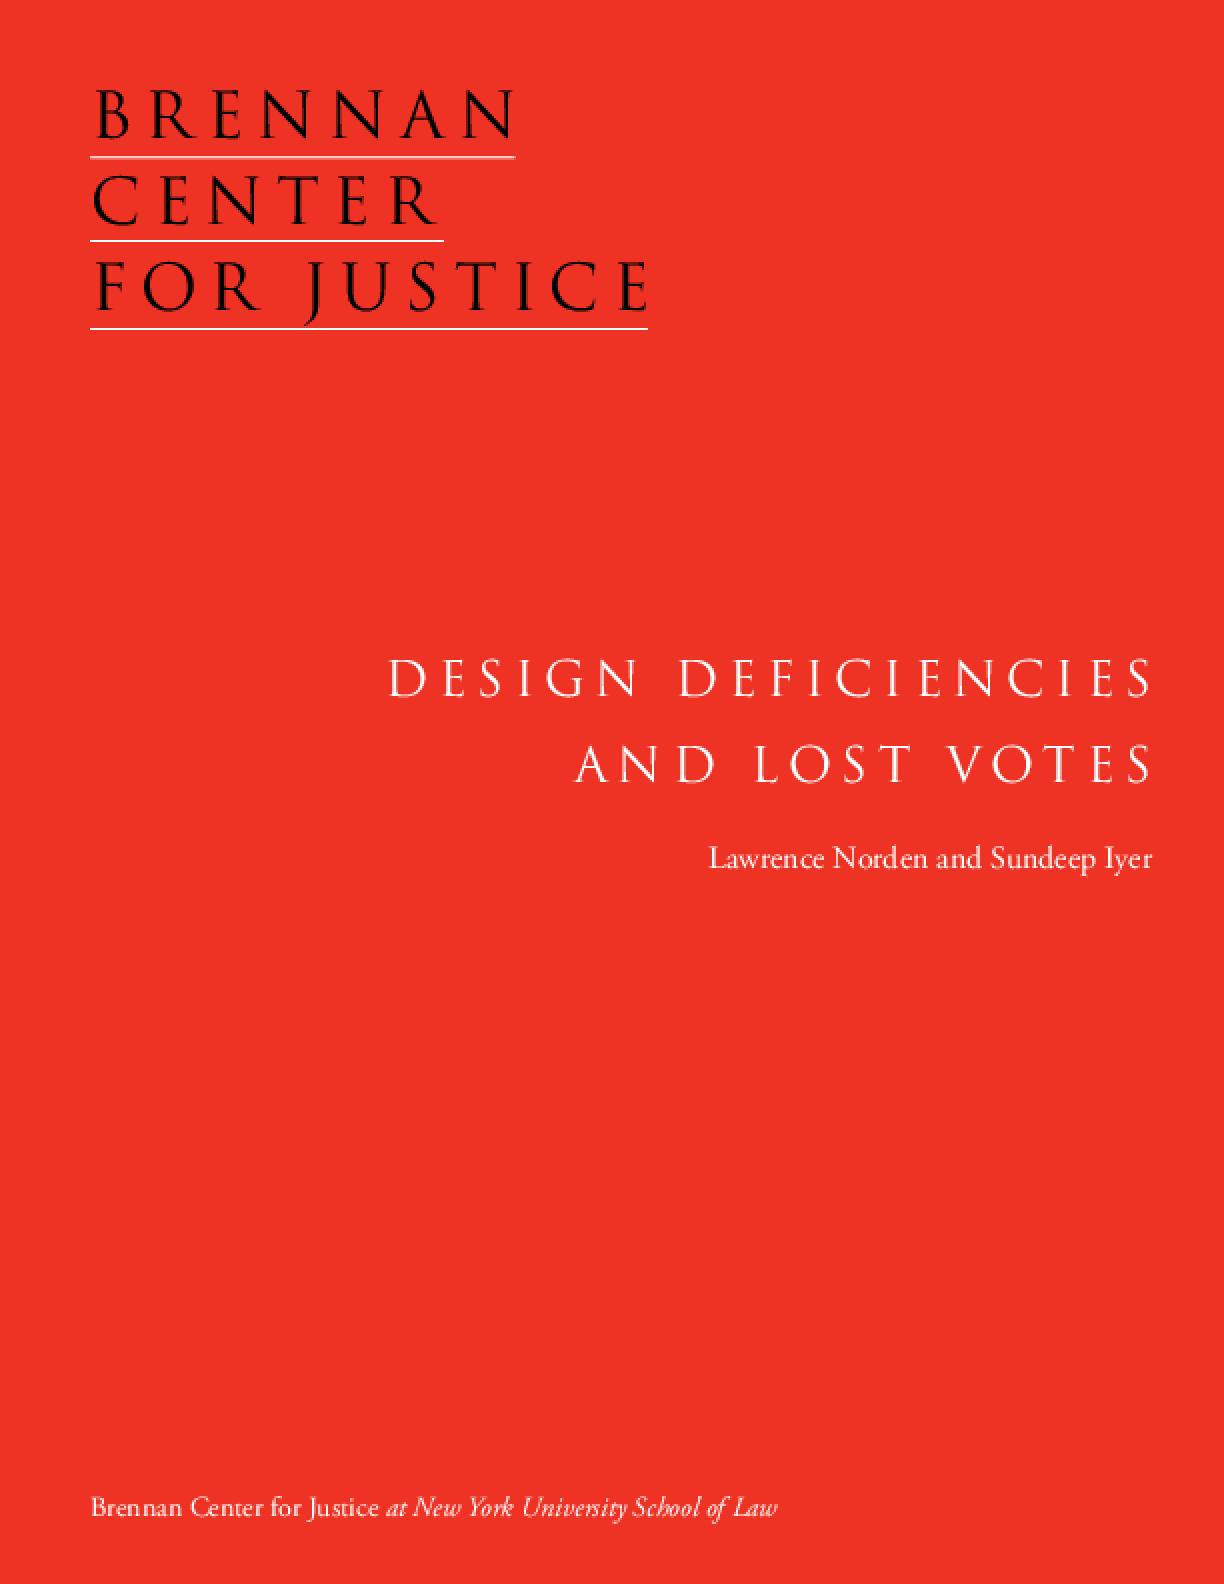 Design Deficiencies and Lost Votes